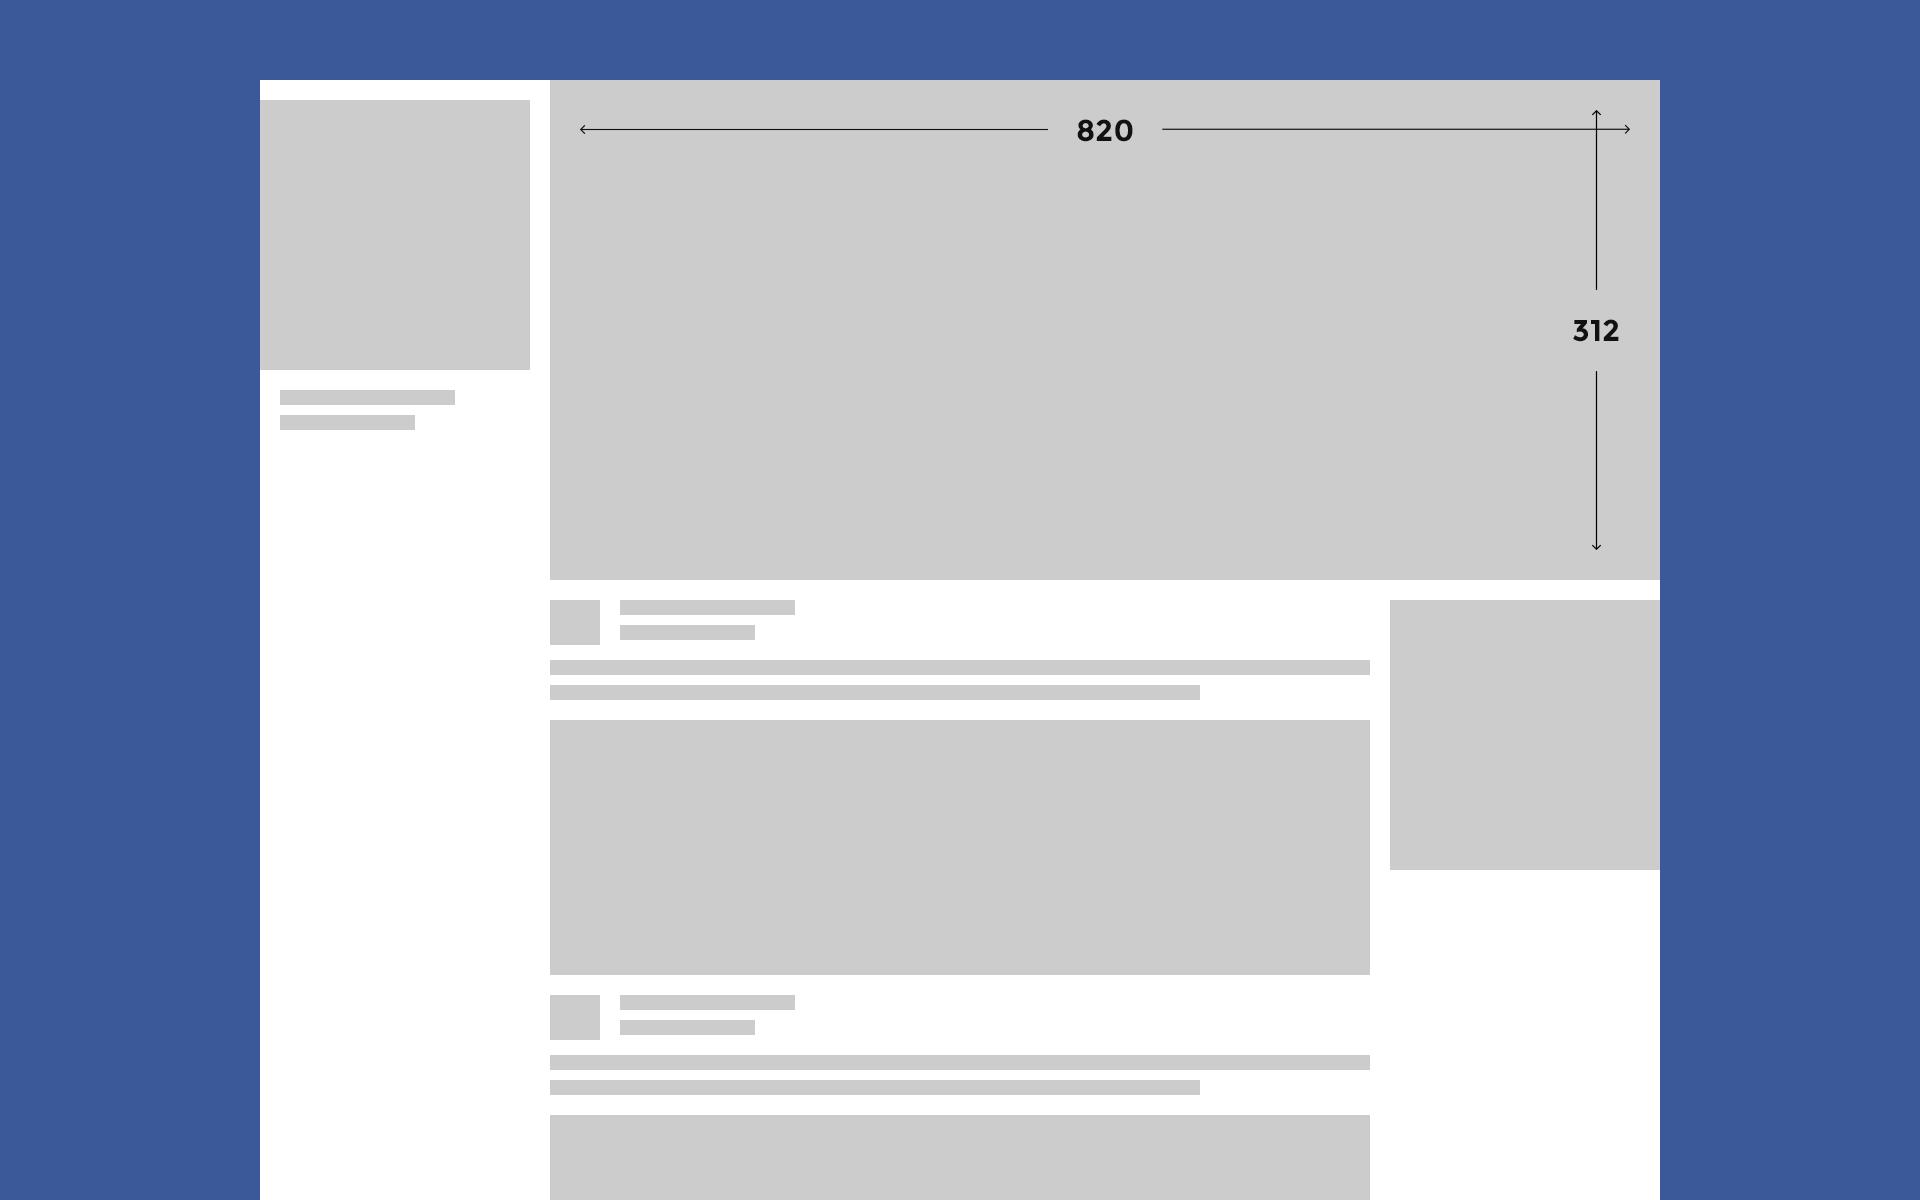 De perfecte omslagfoto voor jouw bedrijf op Facebook, Google, LinkedIn en Twitter